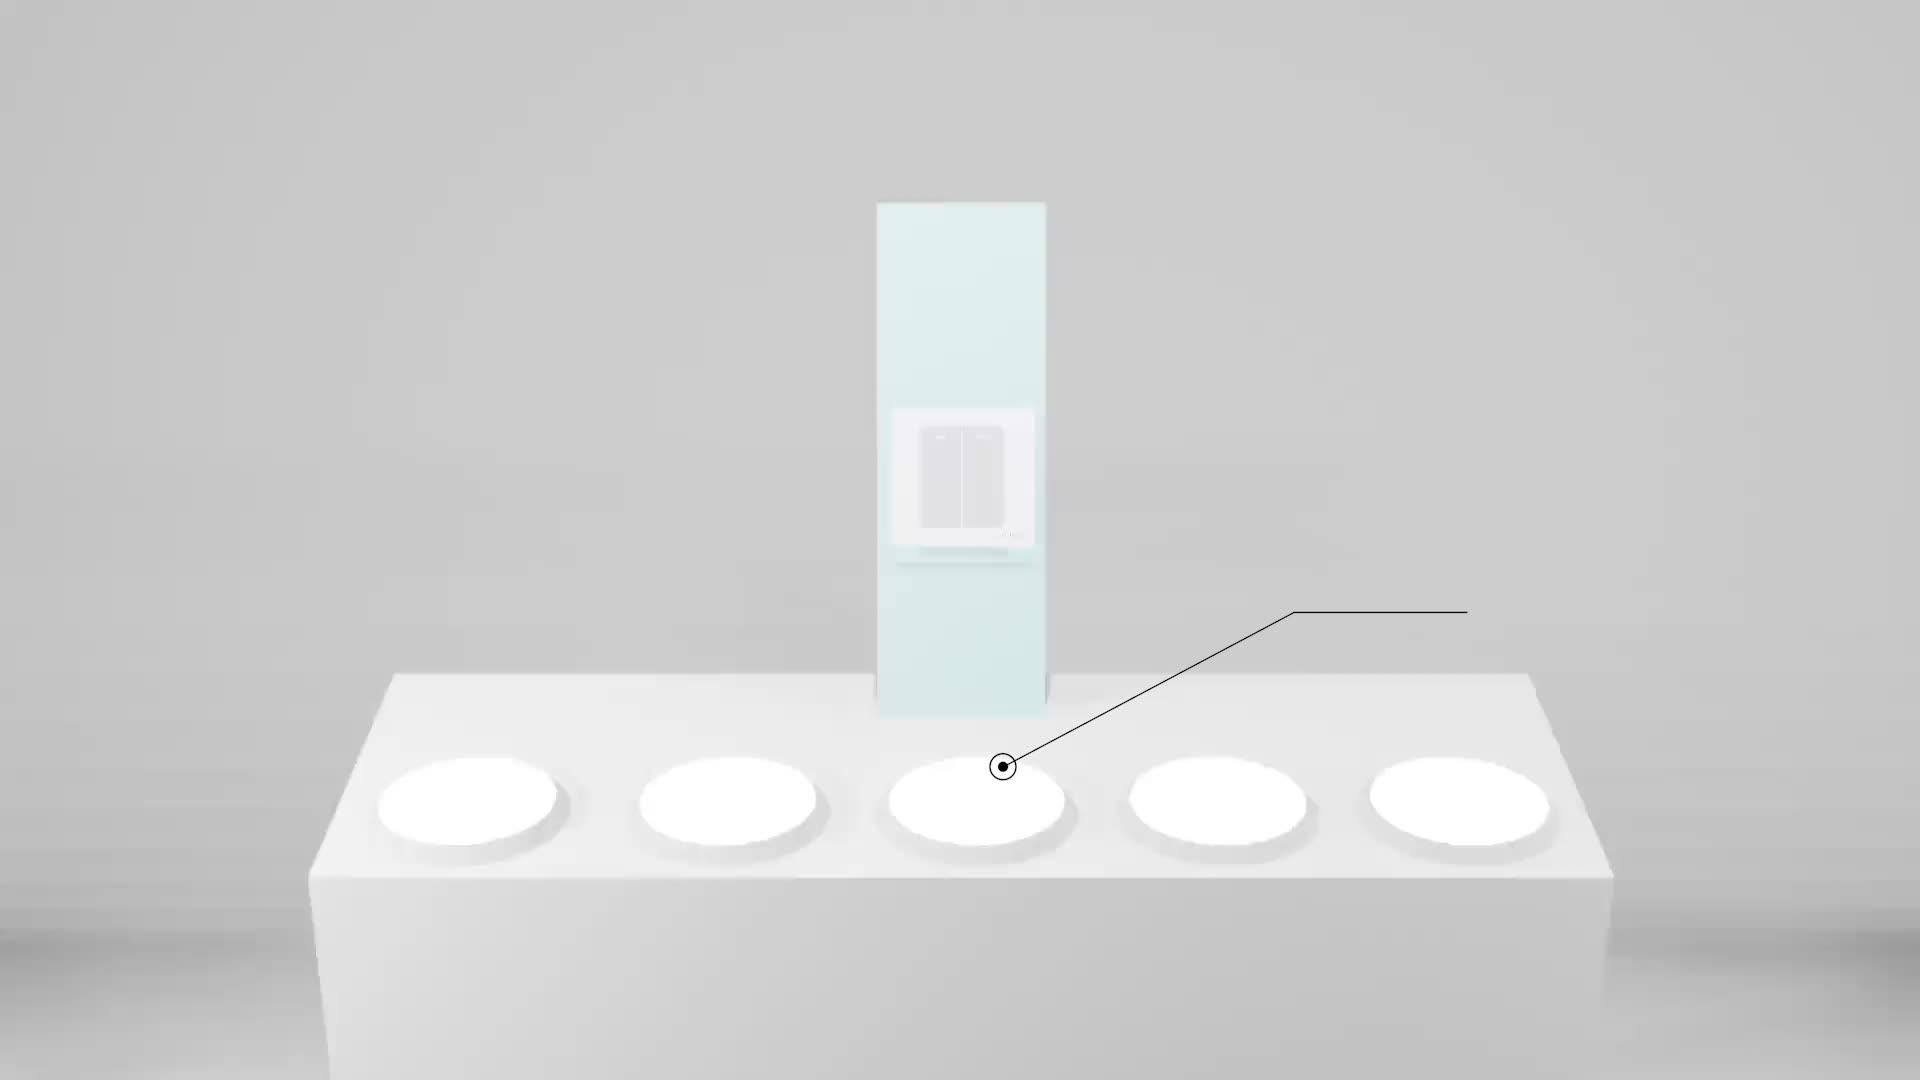 master-video-animation-freelancer-image-51854